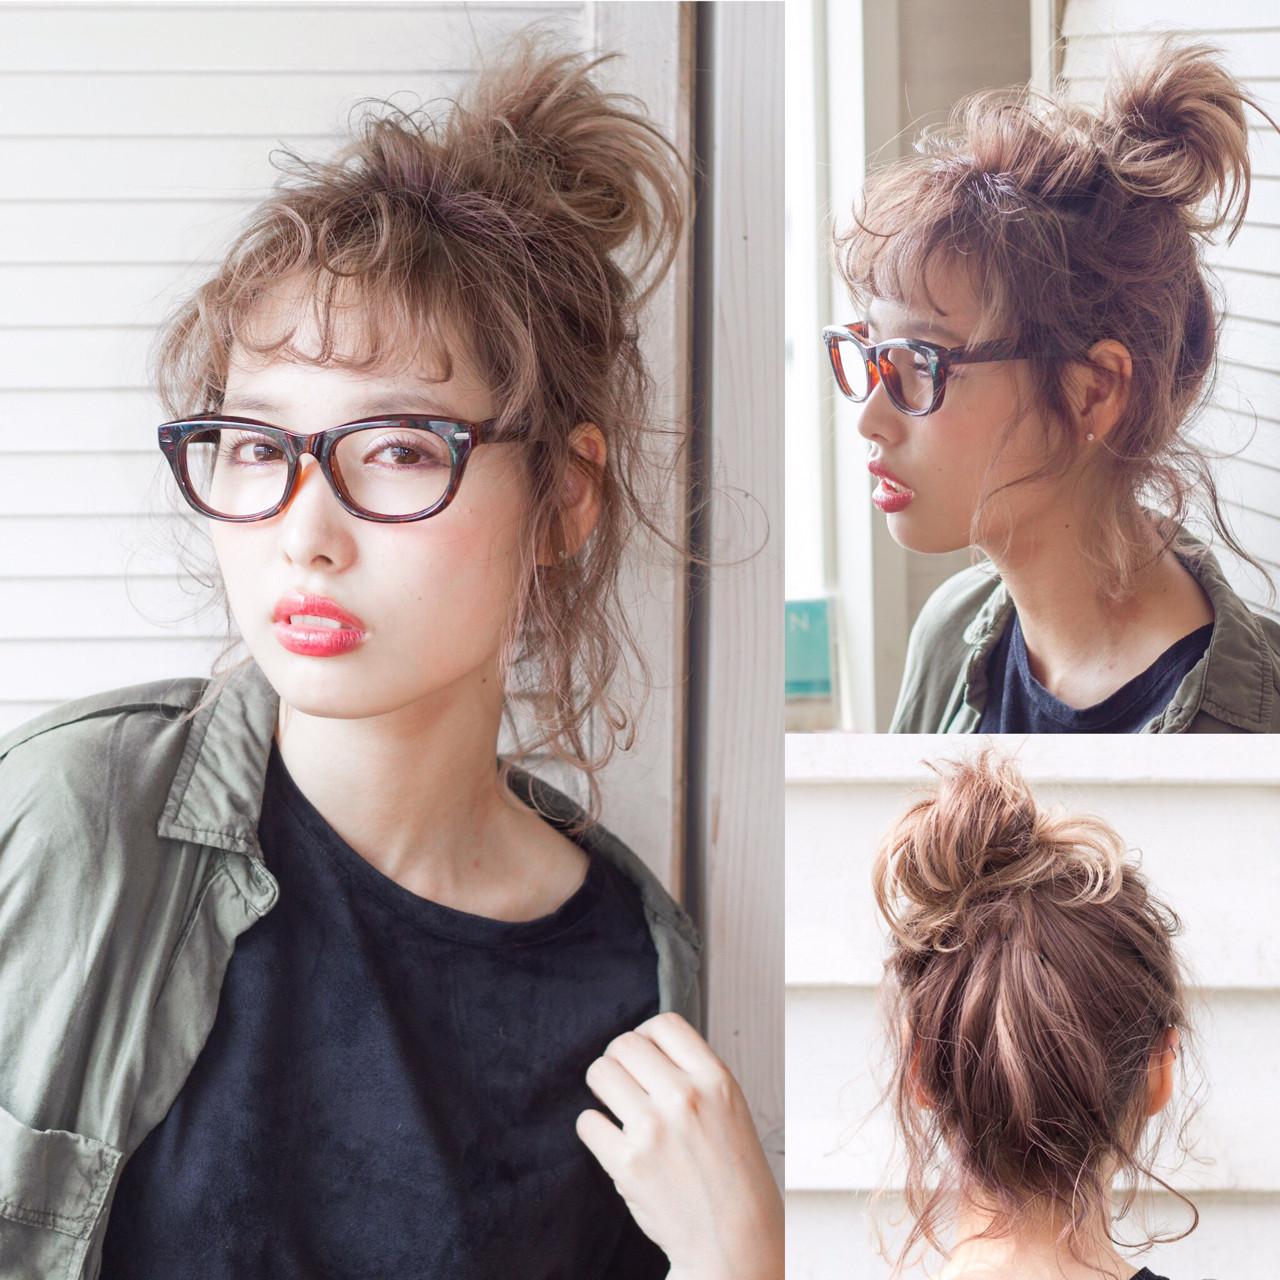 ヘアアレンジ ボブ 大人女子 くせ毛風 ヘアスタイルや髪型の写真・画像